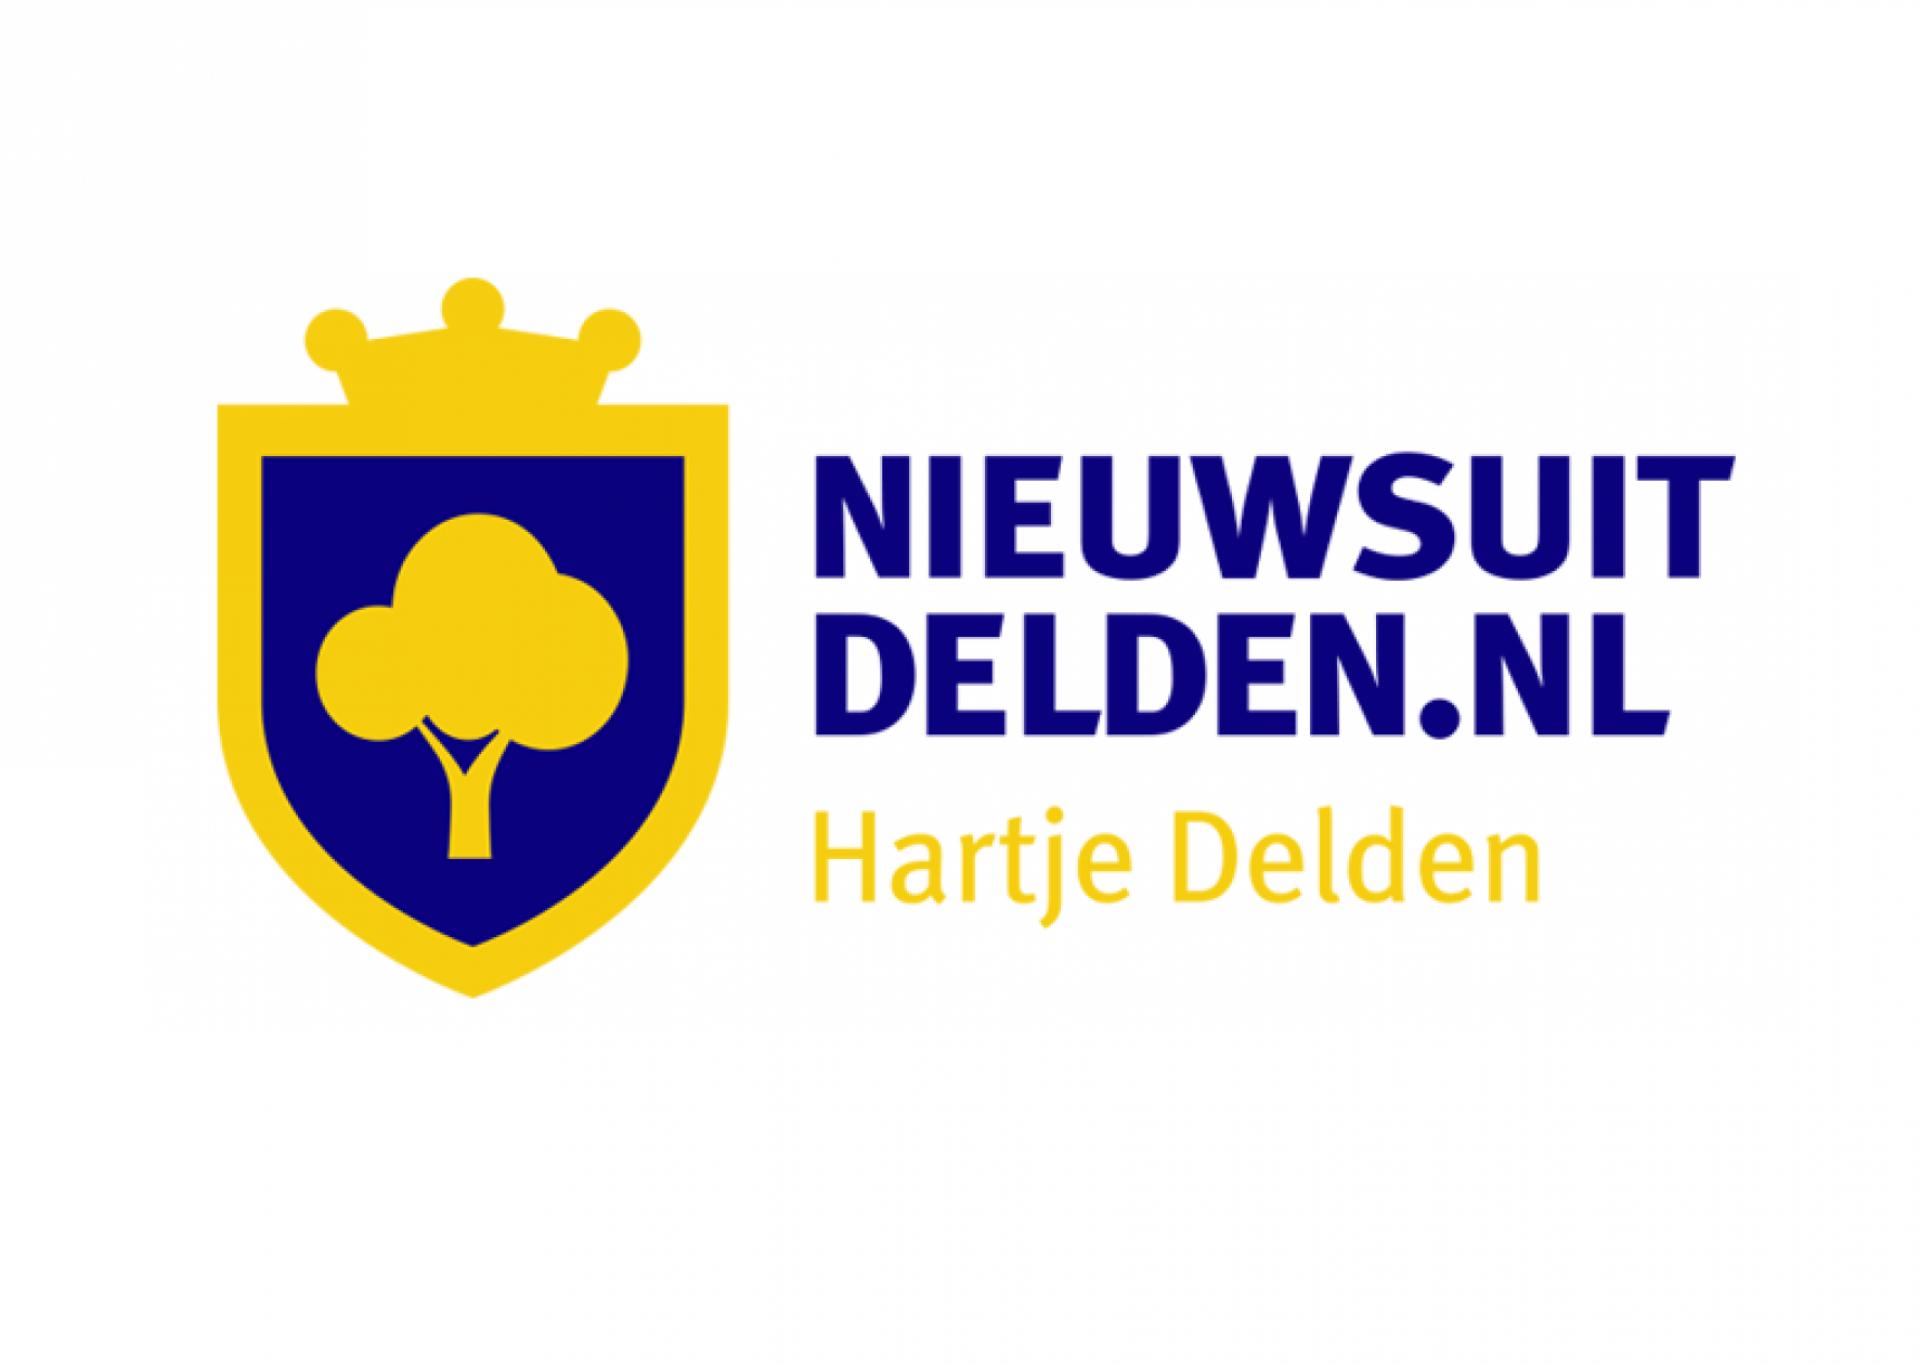 Jaaroverzicht Nieuws uit Delden 2018 - Deel 3